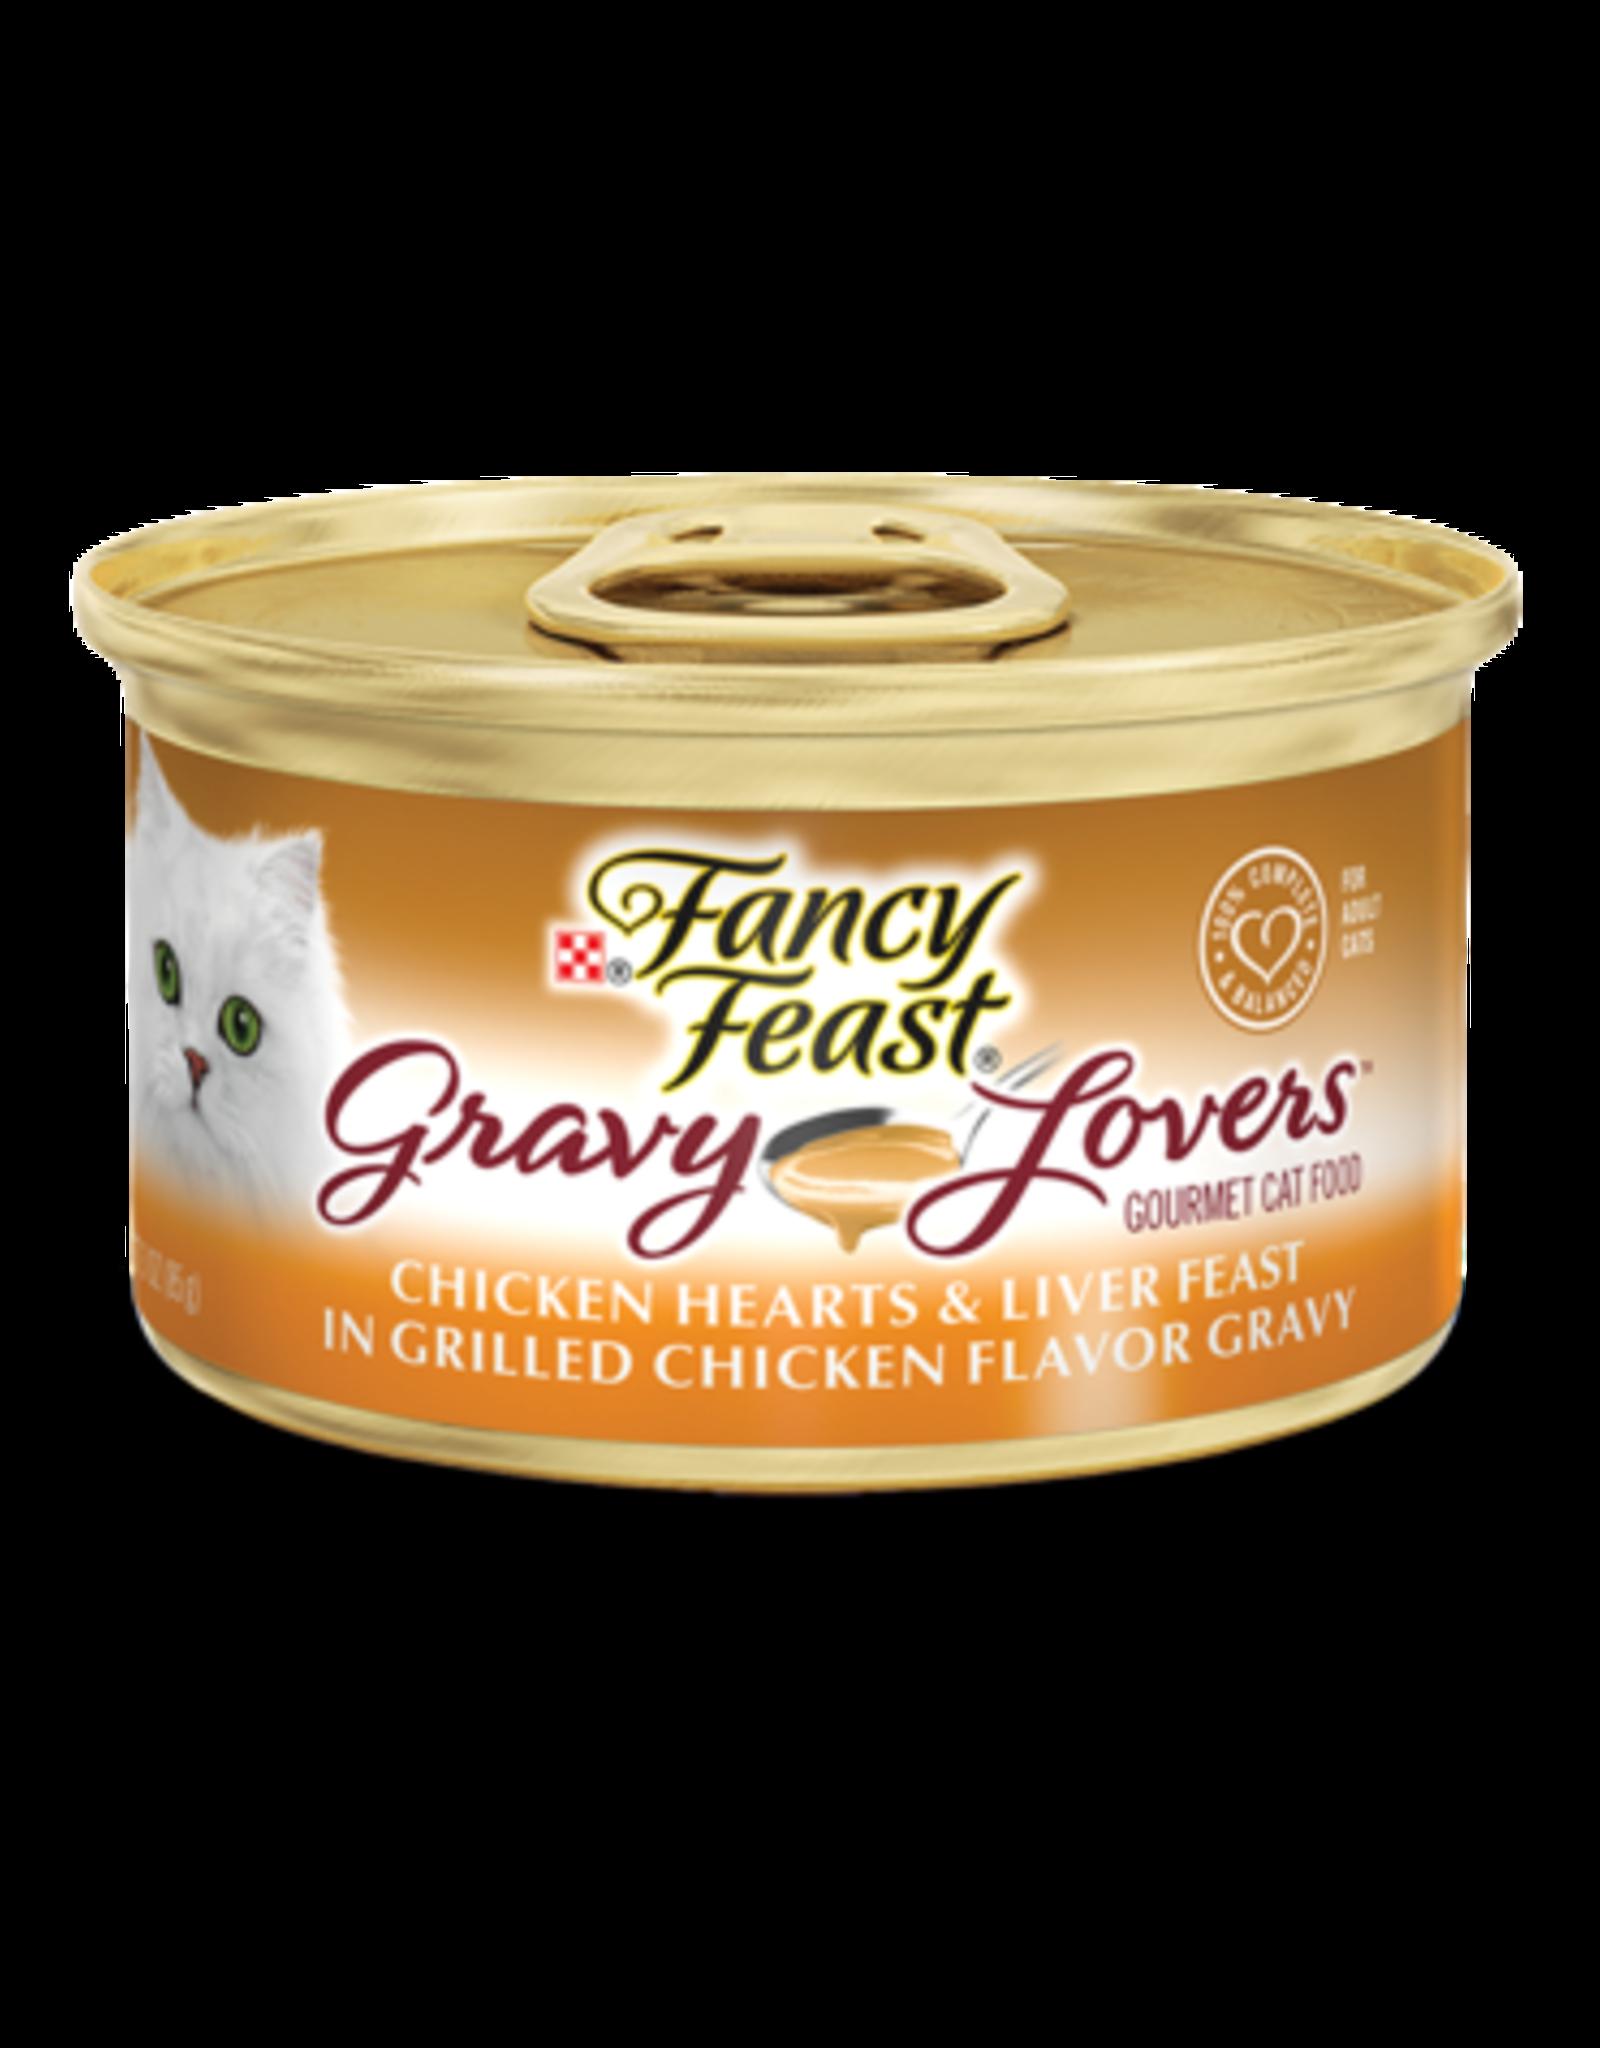 FANCY FEAST GRAVY LOVERS CHICKEN HEARTS/LIVERS 3OZ